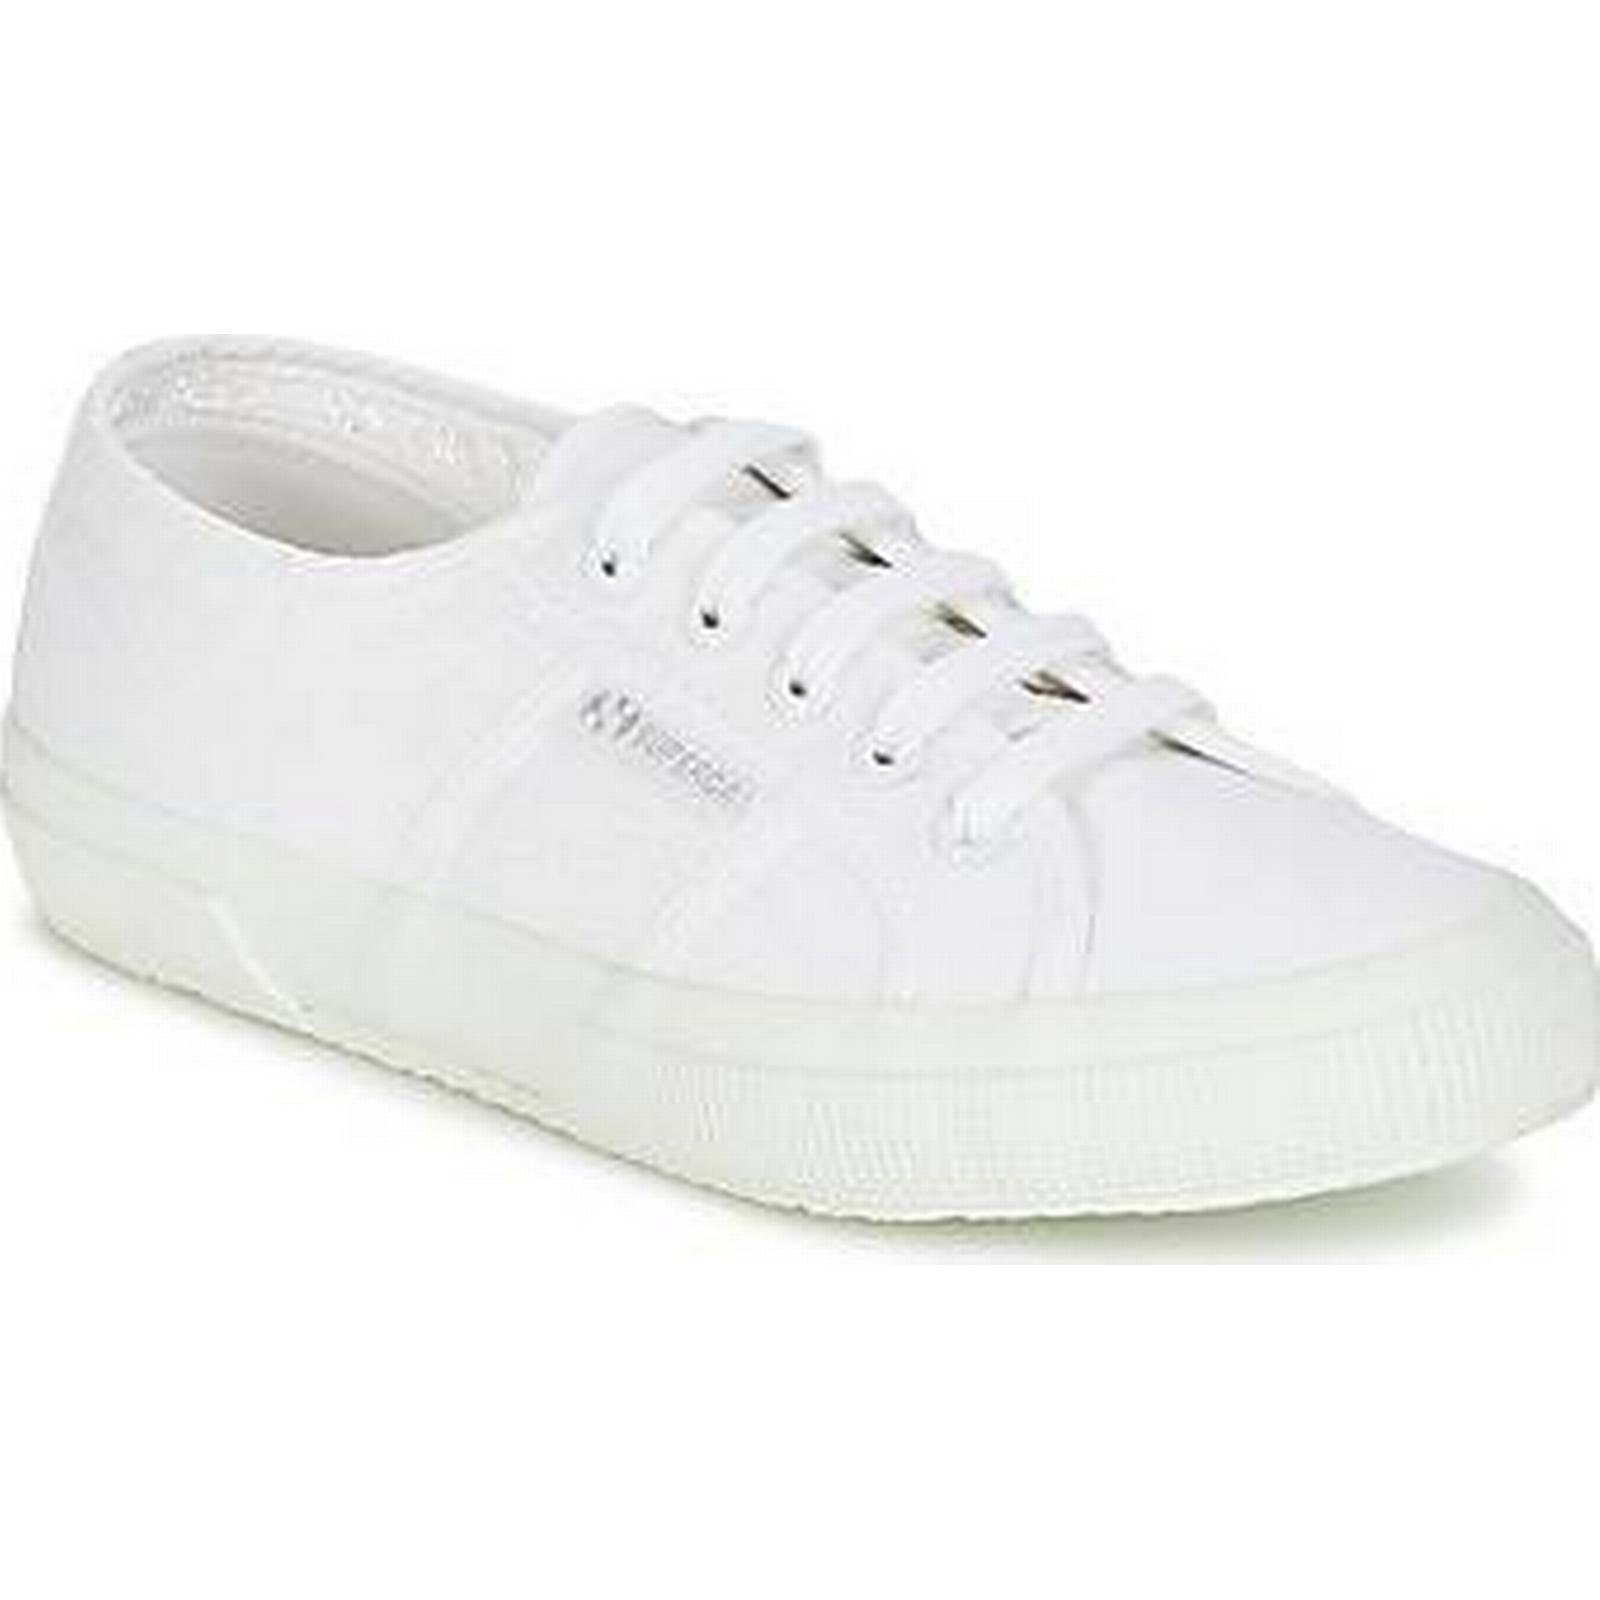 superga superga superga  classique spartoo.co.uk femmes & #  ; s Chaussure s formateurs en blanc c54353